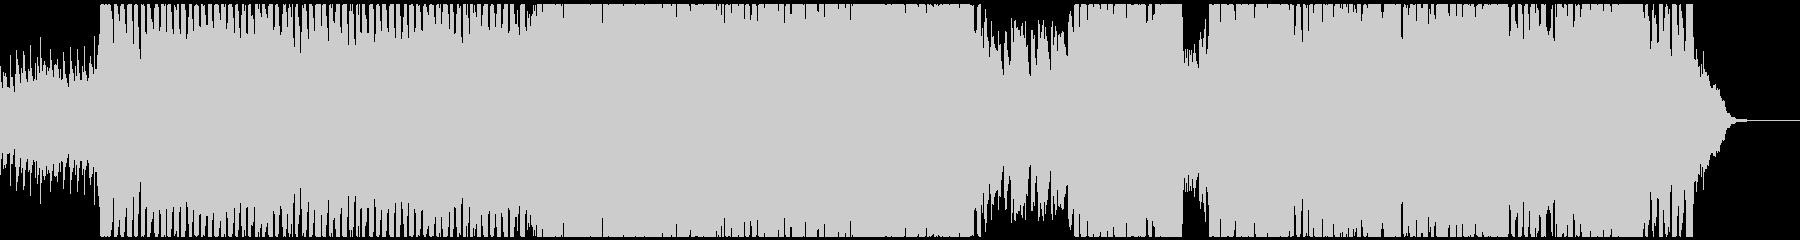 伸びやかなバイオリンが映える4つ打ちの未再生の波形